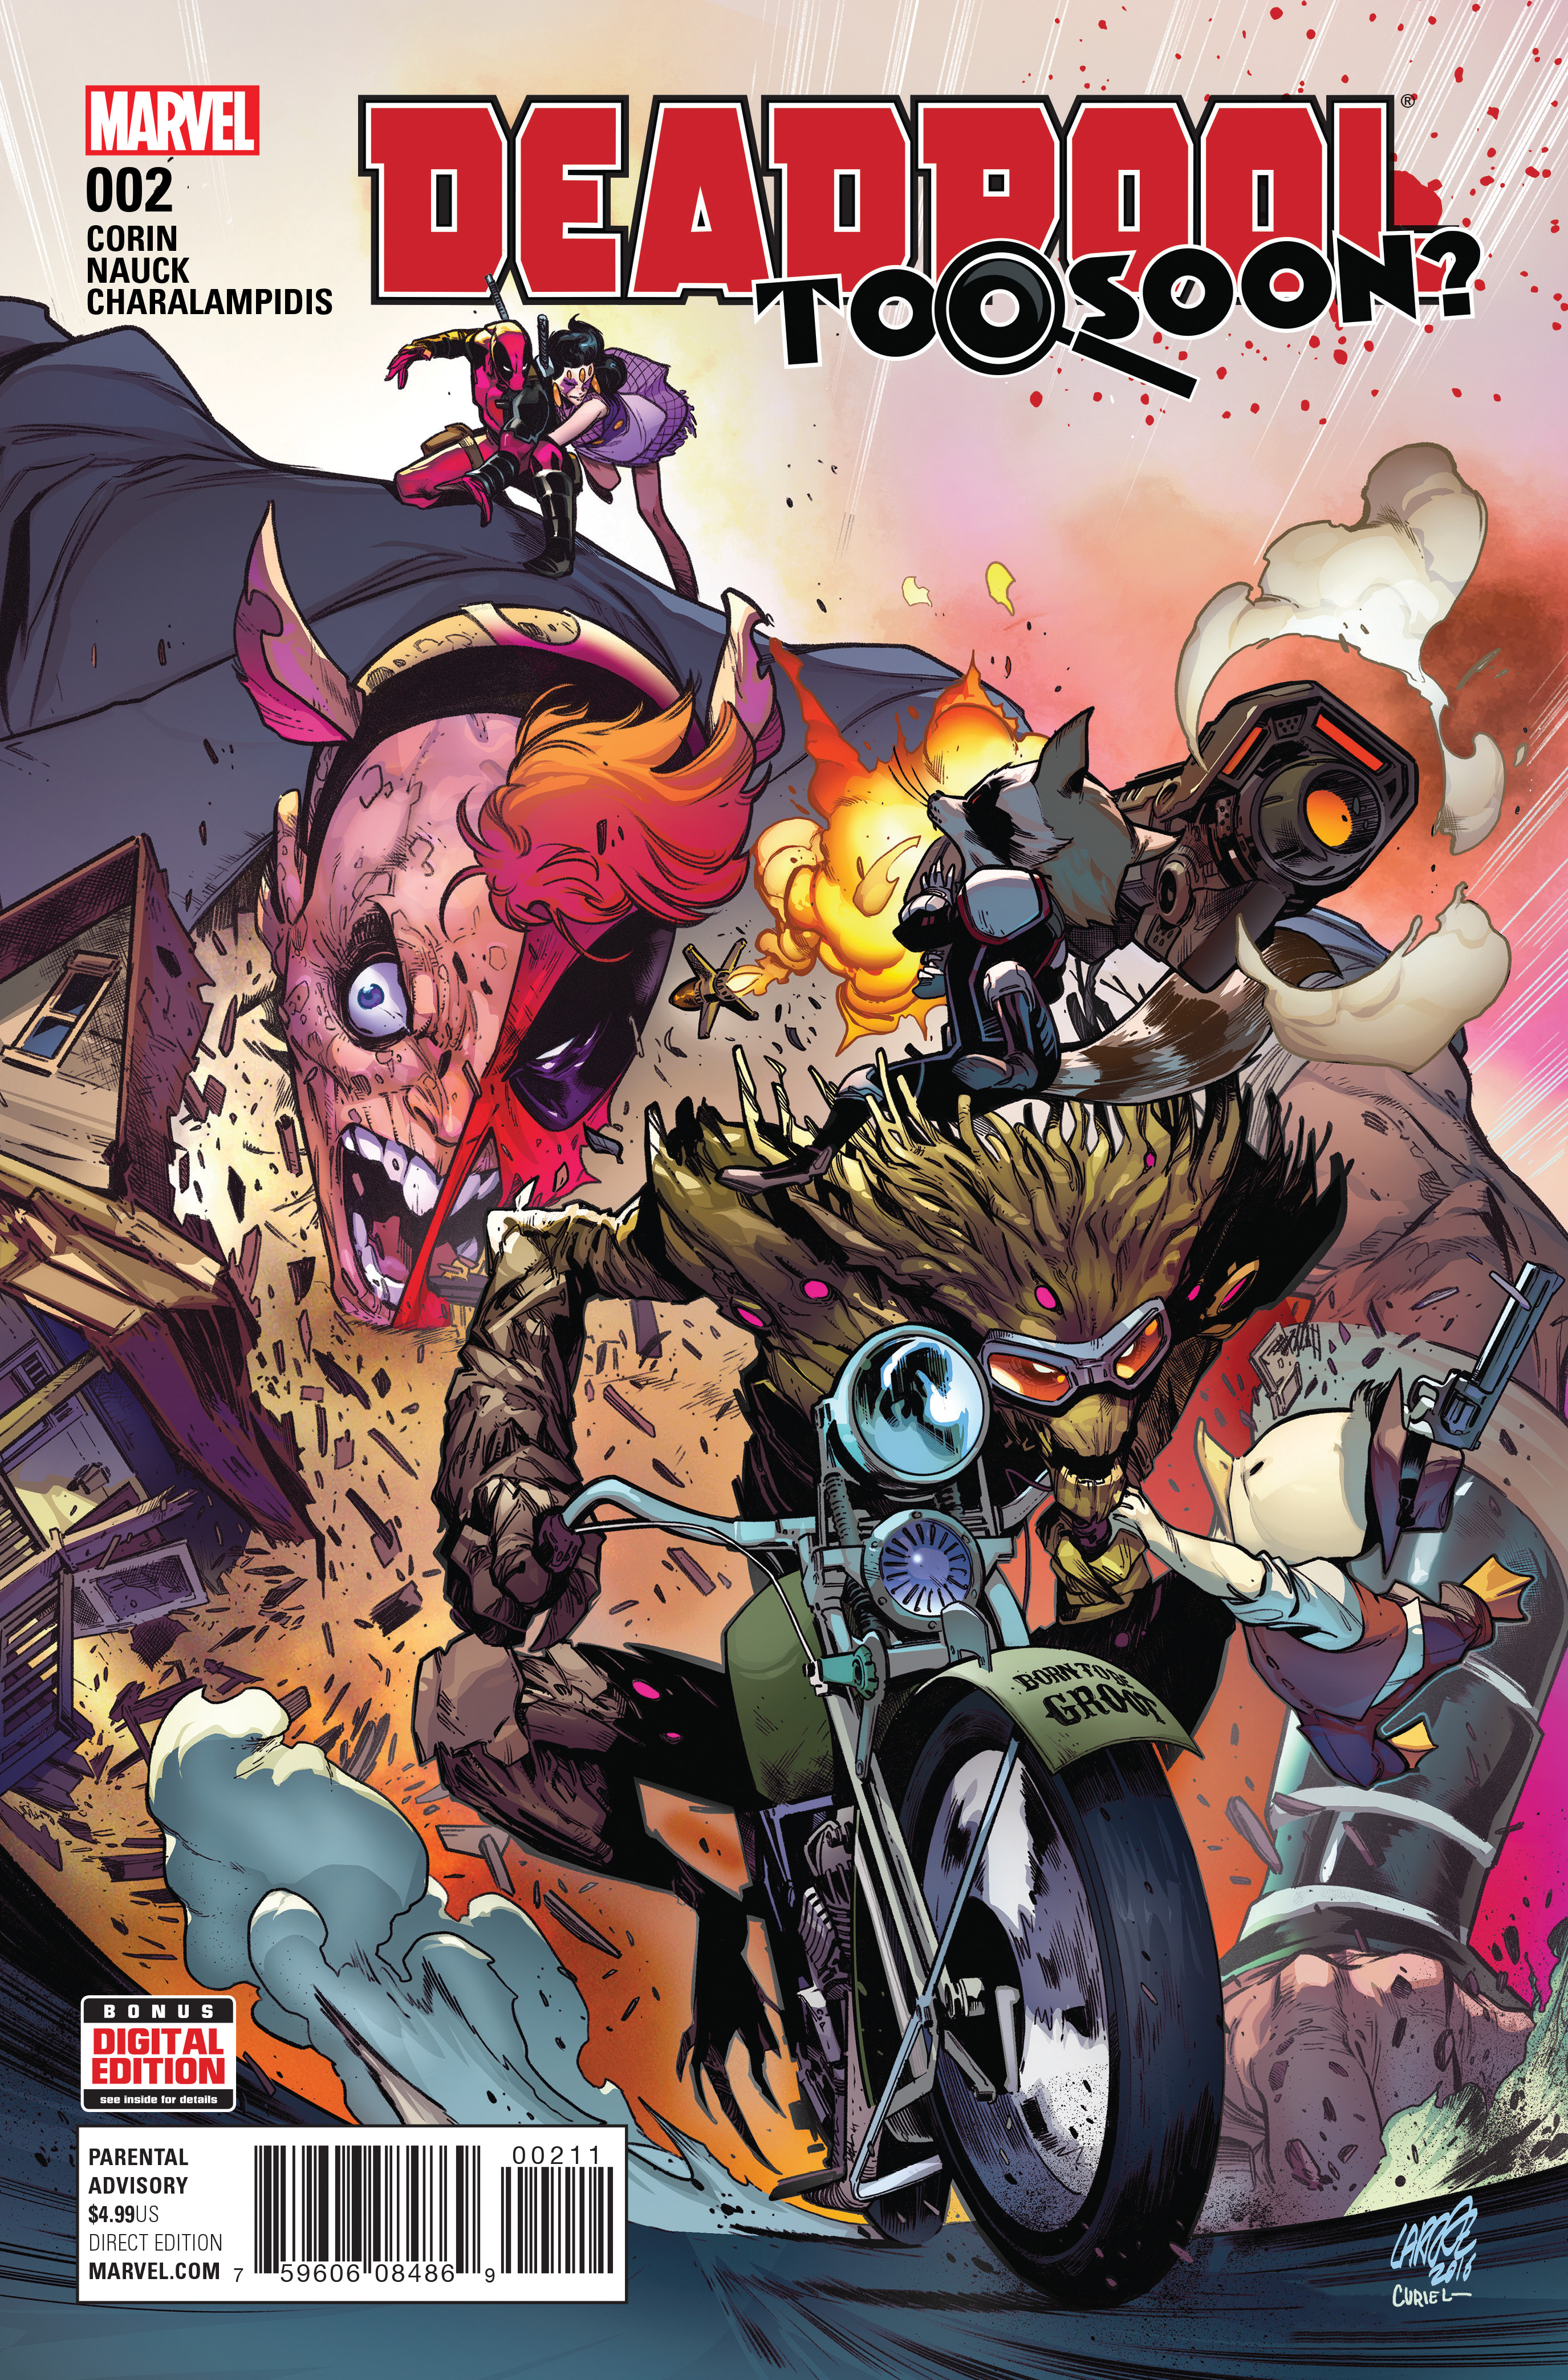 Deadpool: Too Soon? (2016) #2